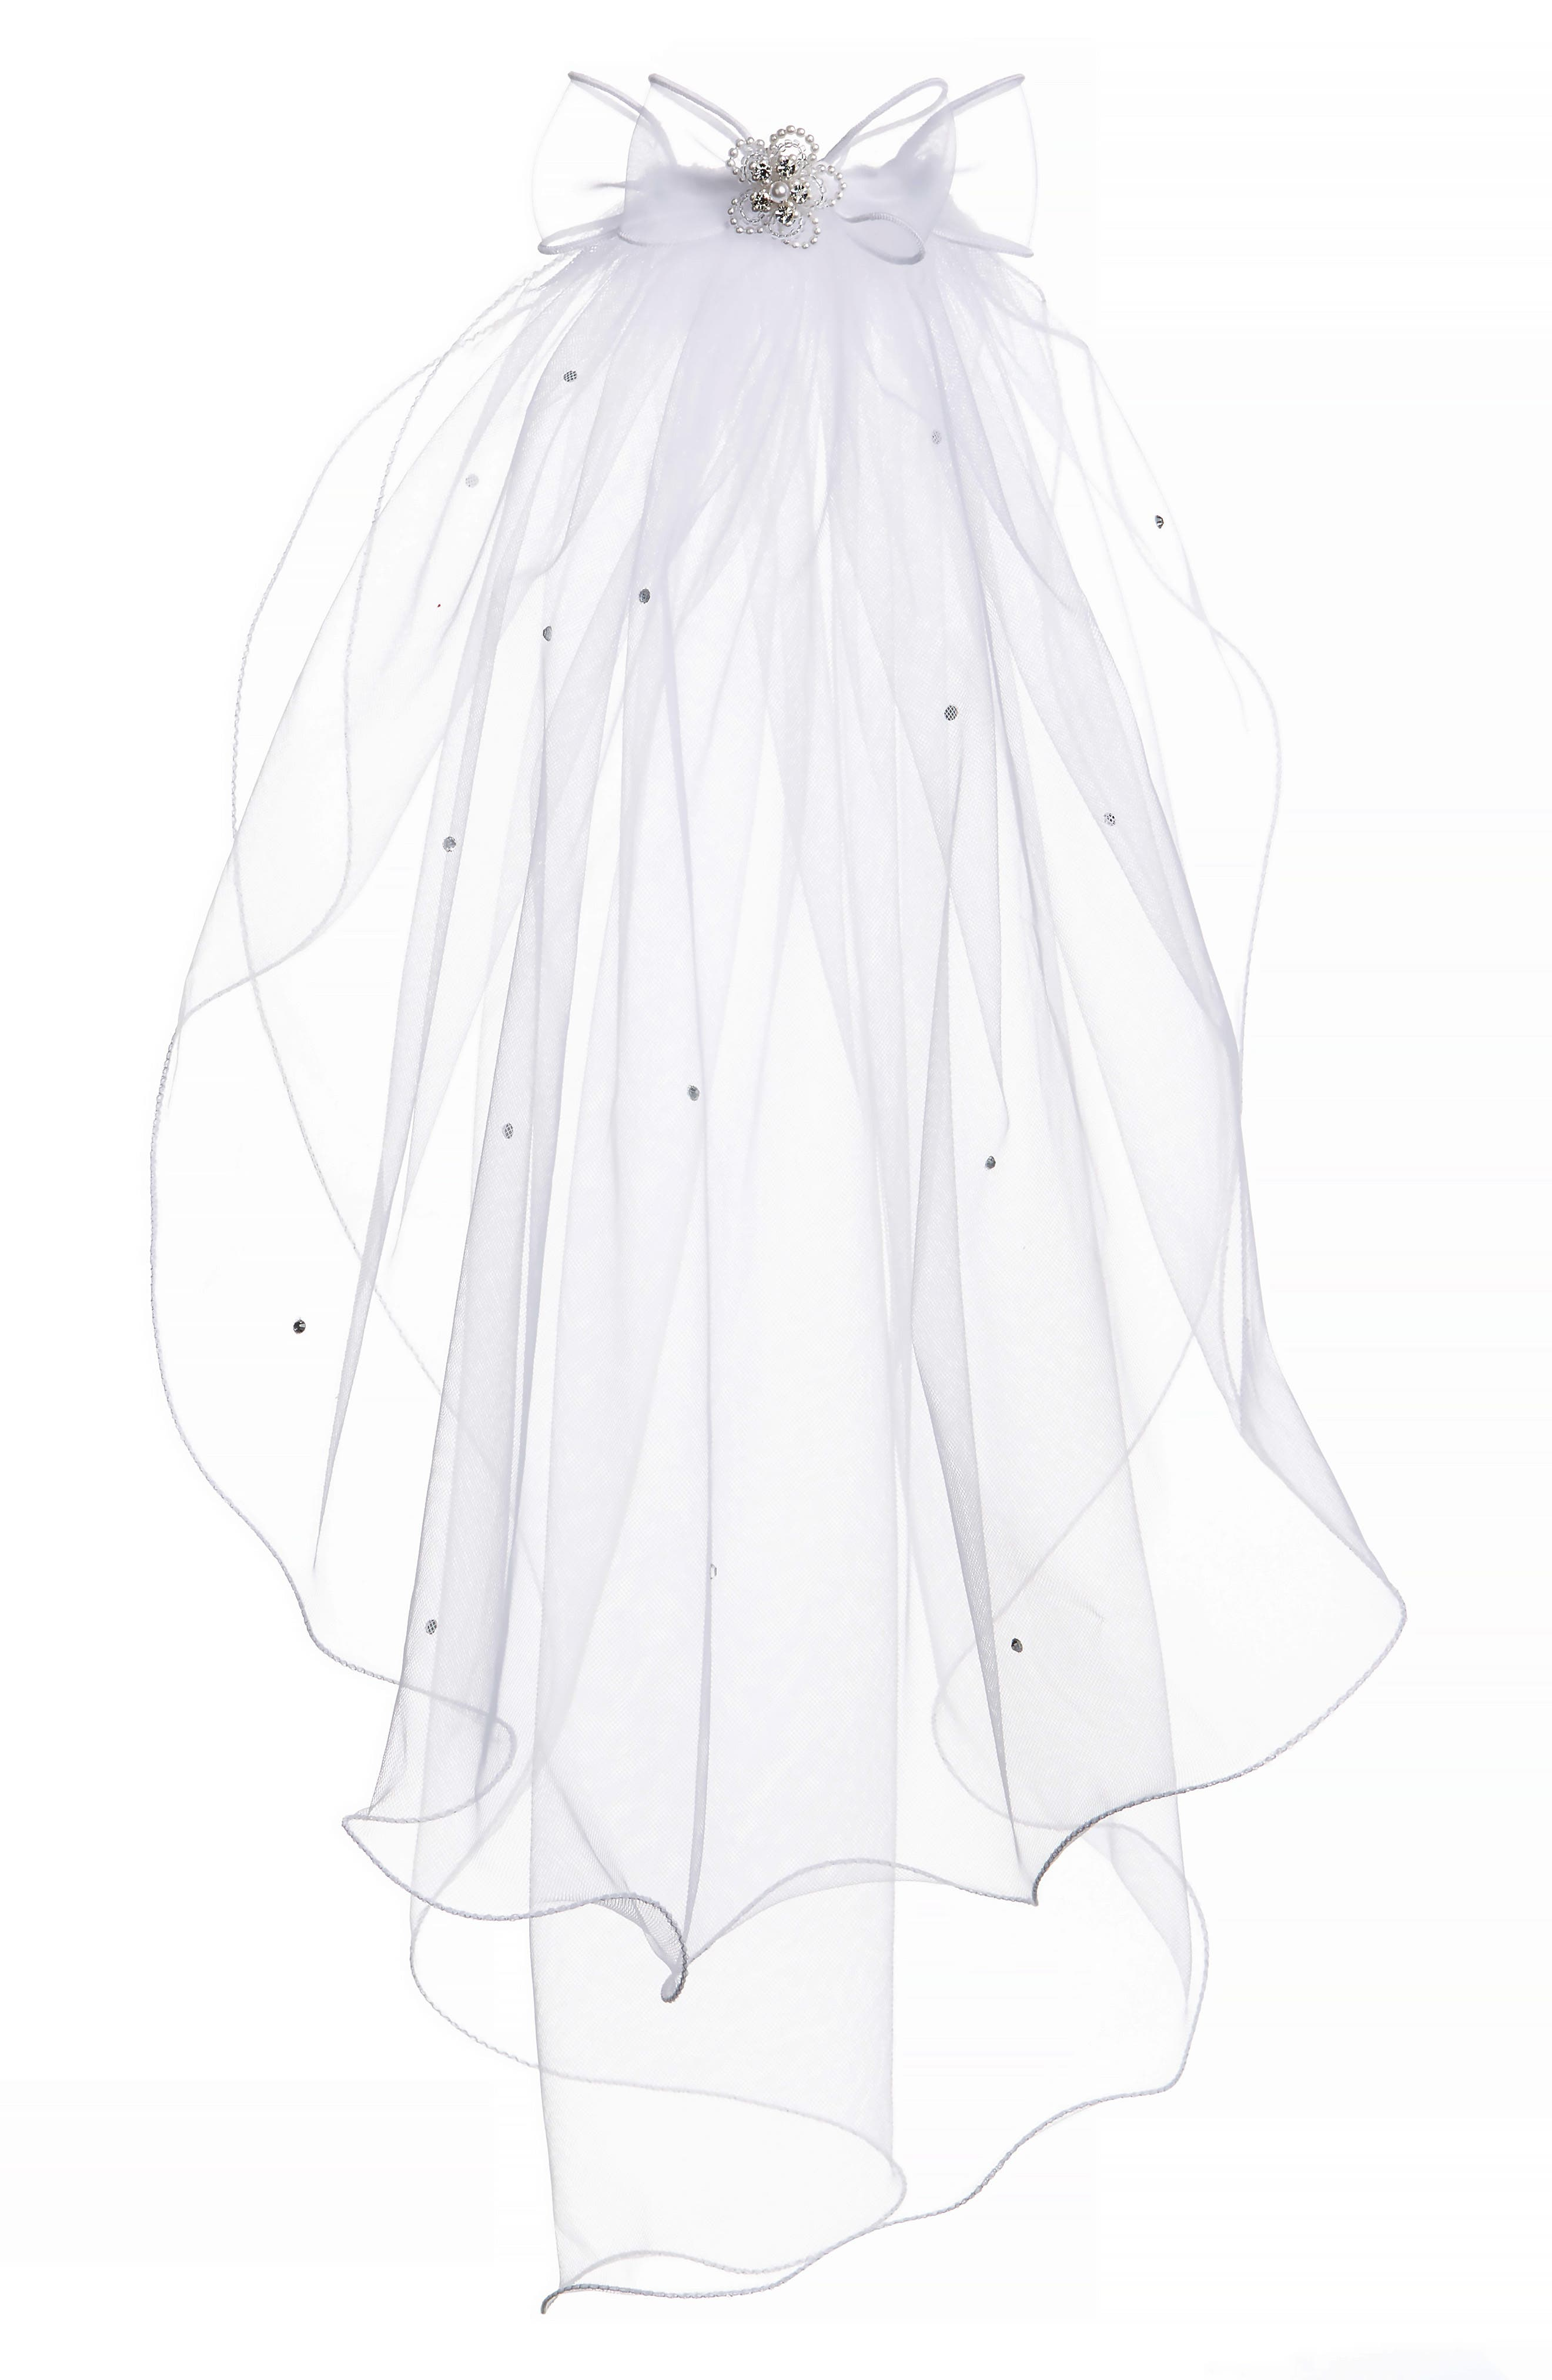 LAUREN MARIE Beaded Bow & Veil, Main, color, WHITE